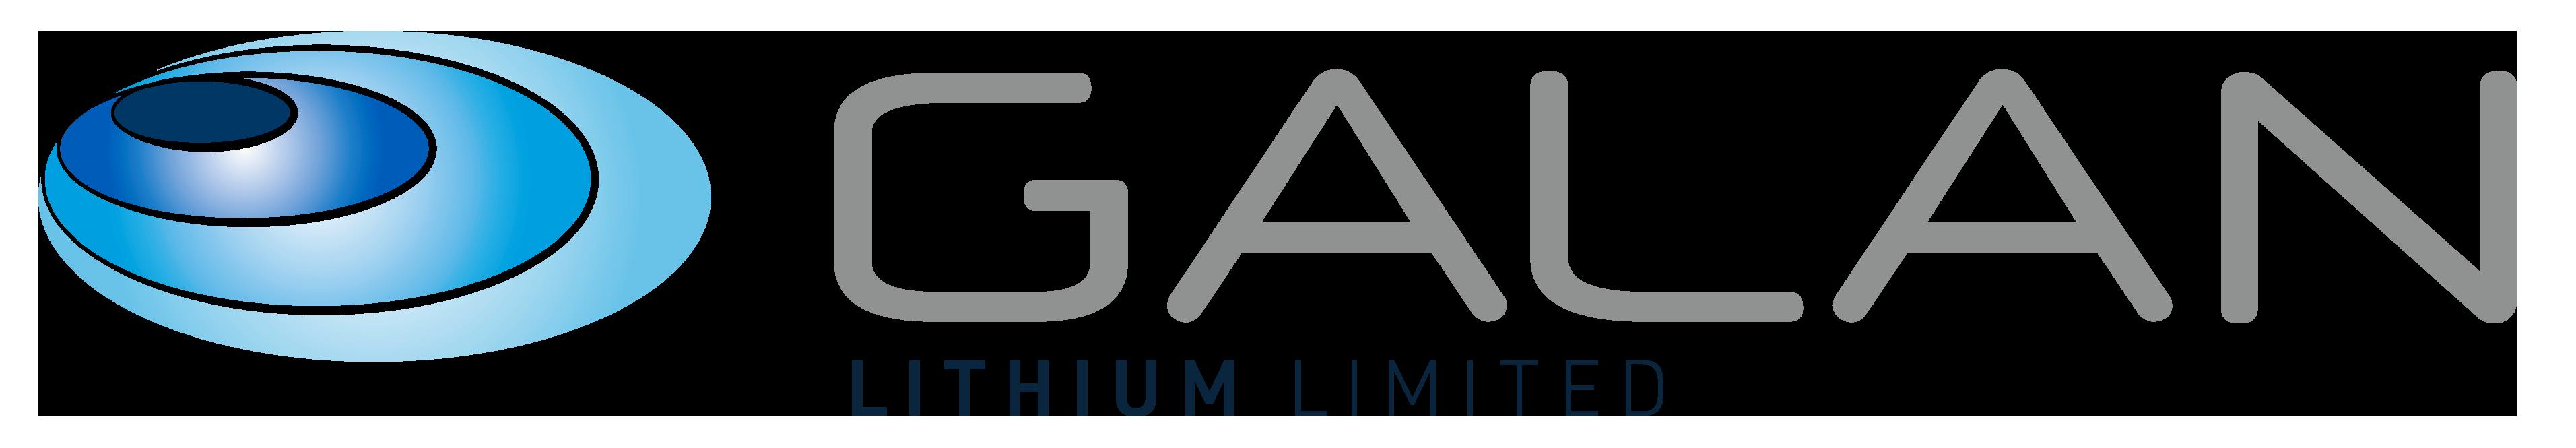 02 Galan Lithium